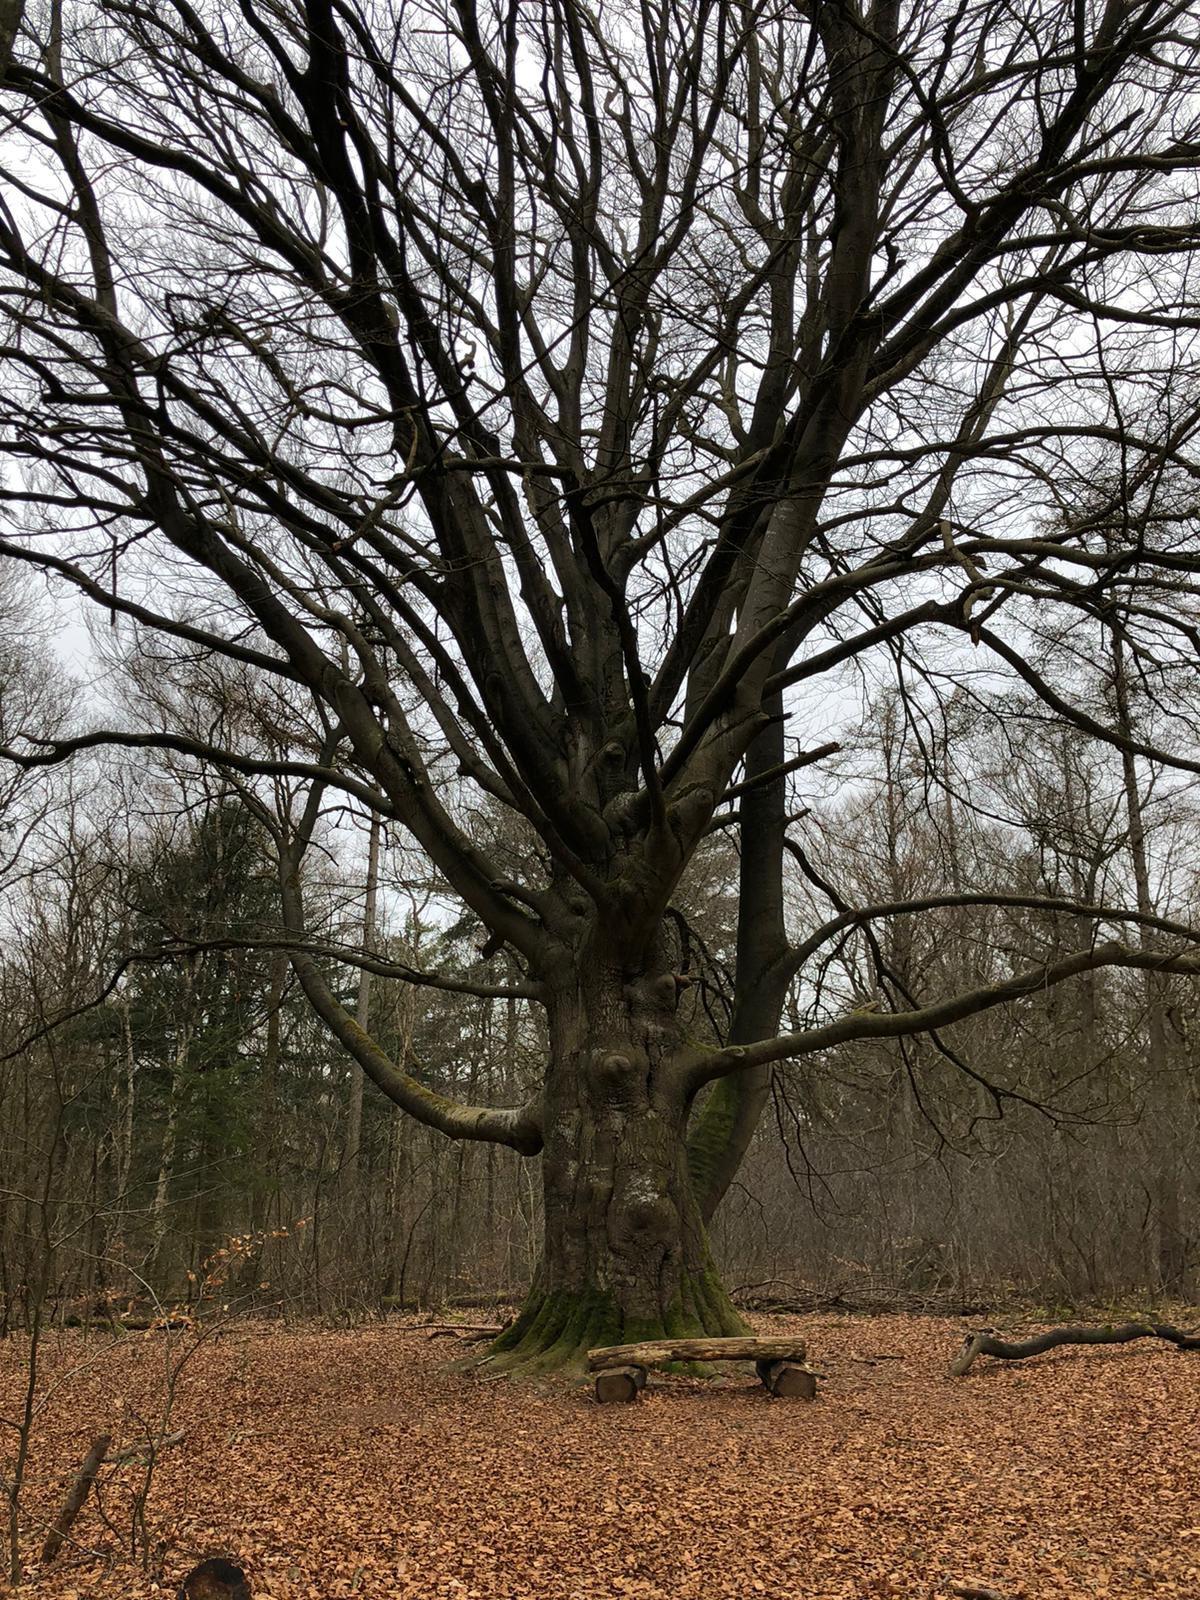 rt-waandersr-wandelbankjes-voor-een-indrukwekkende-boom-in-het-prachtige-rysterbosk%f0%9f%92%9a-https-t-co-uxdusgpu2c